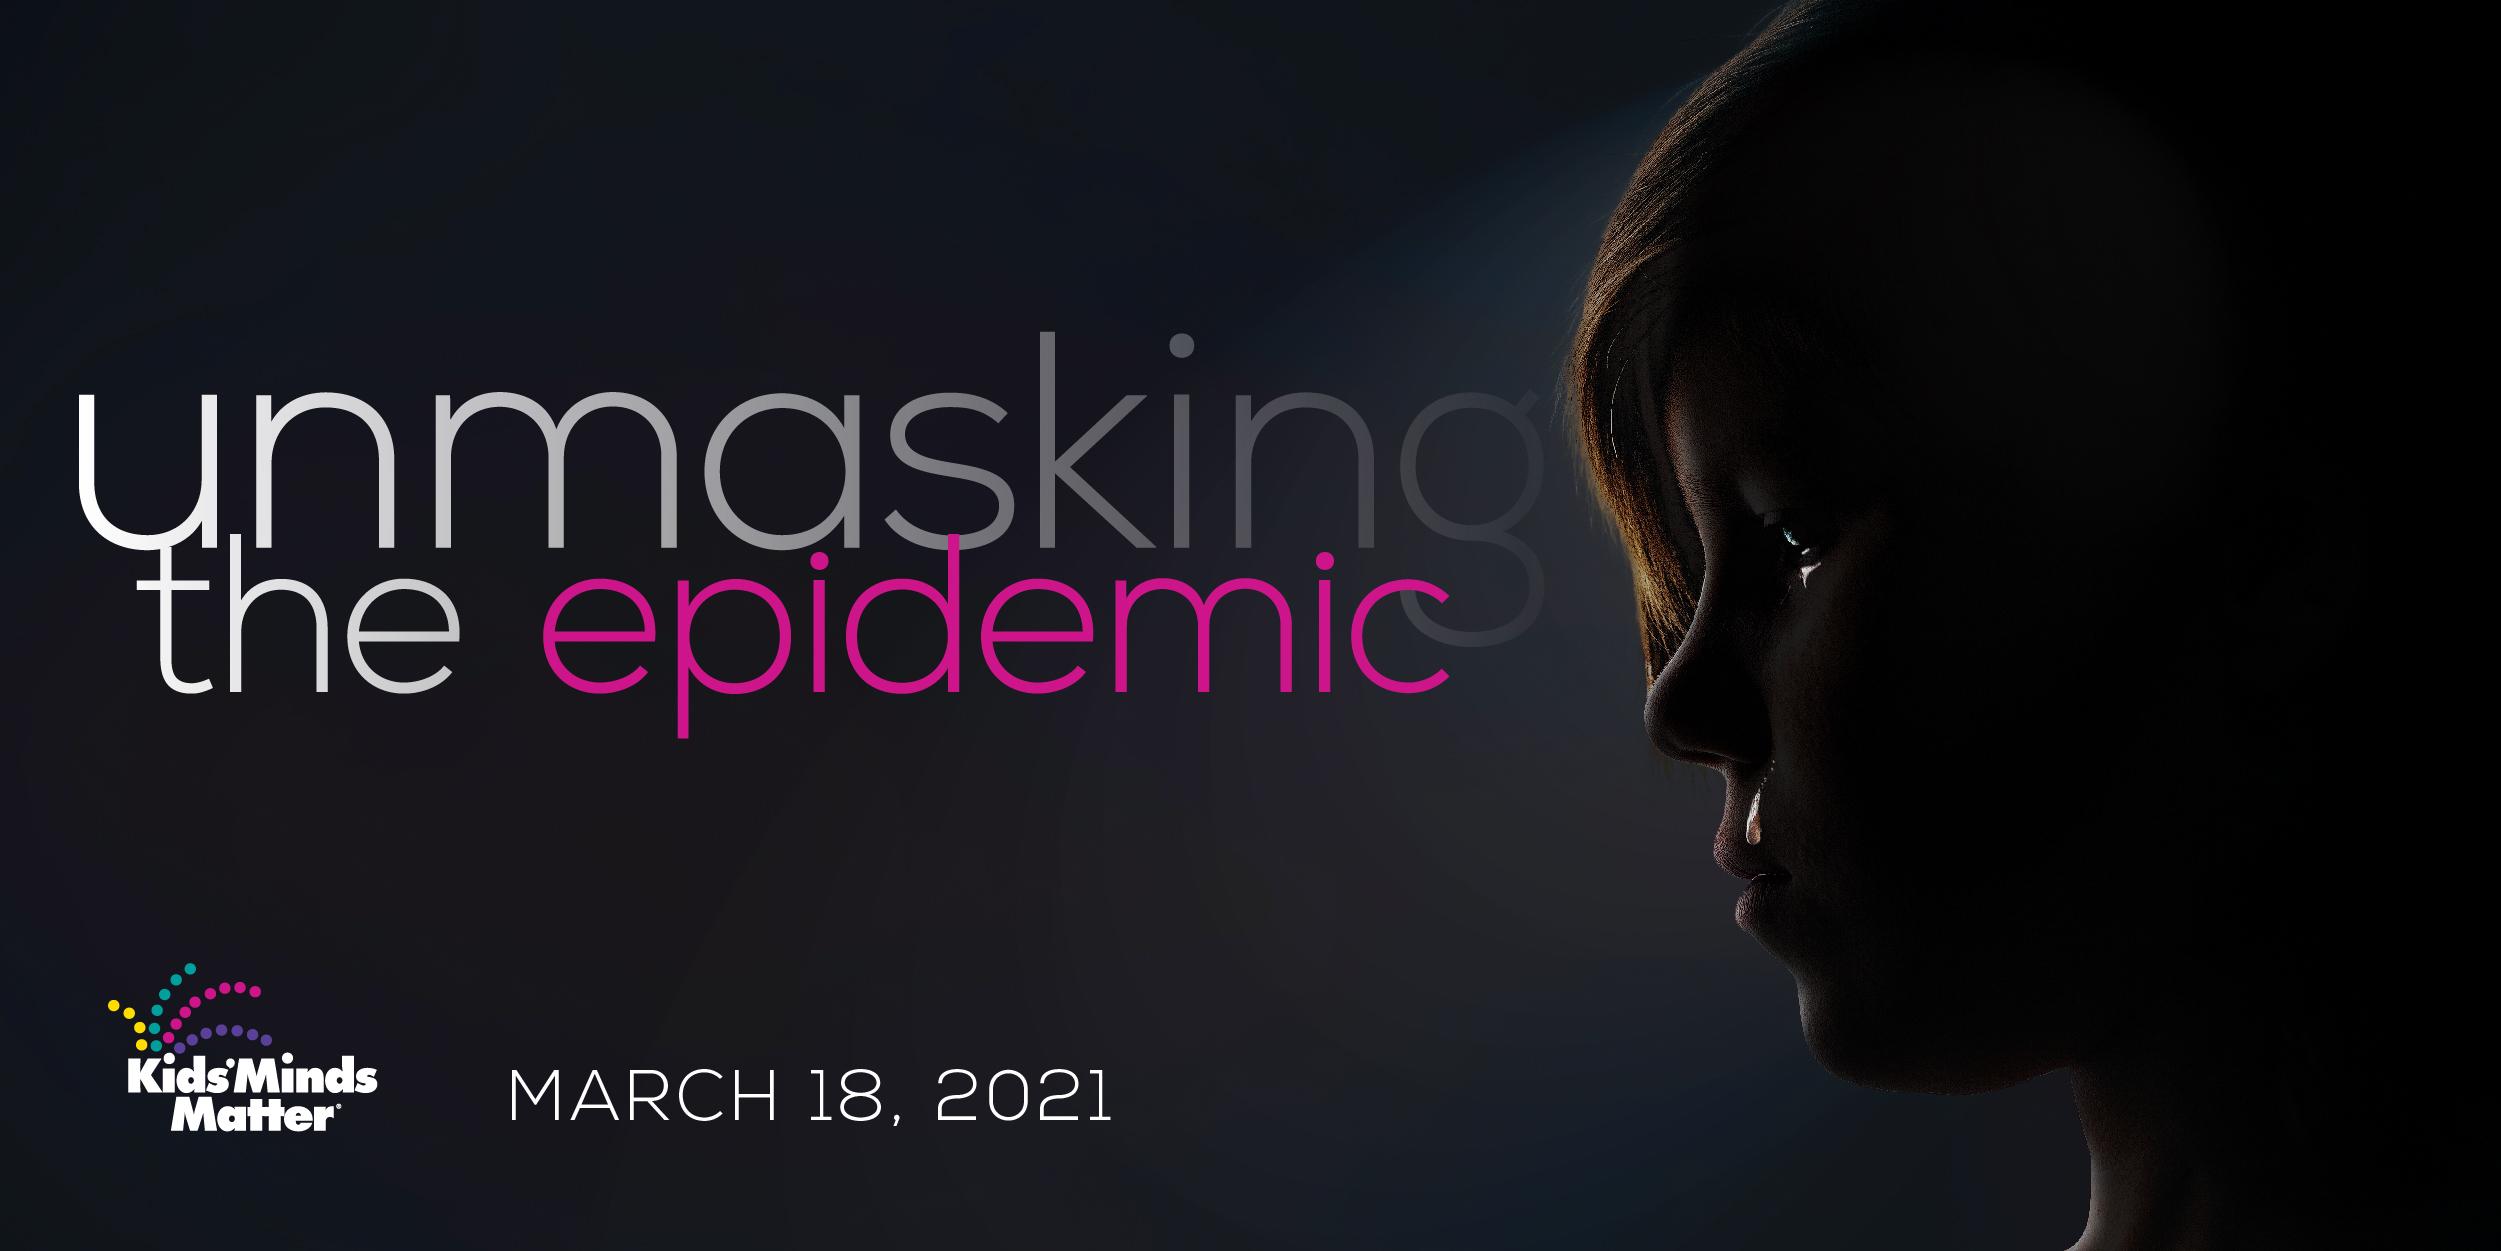 Unmasking the epidemic logo